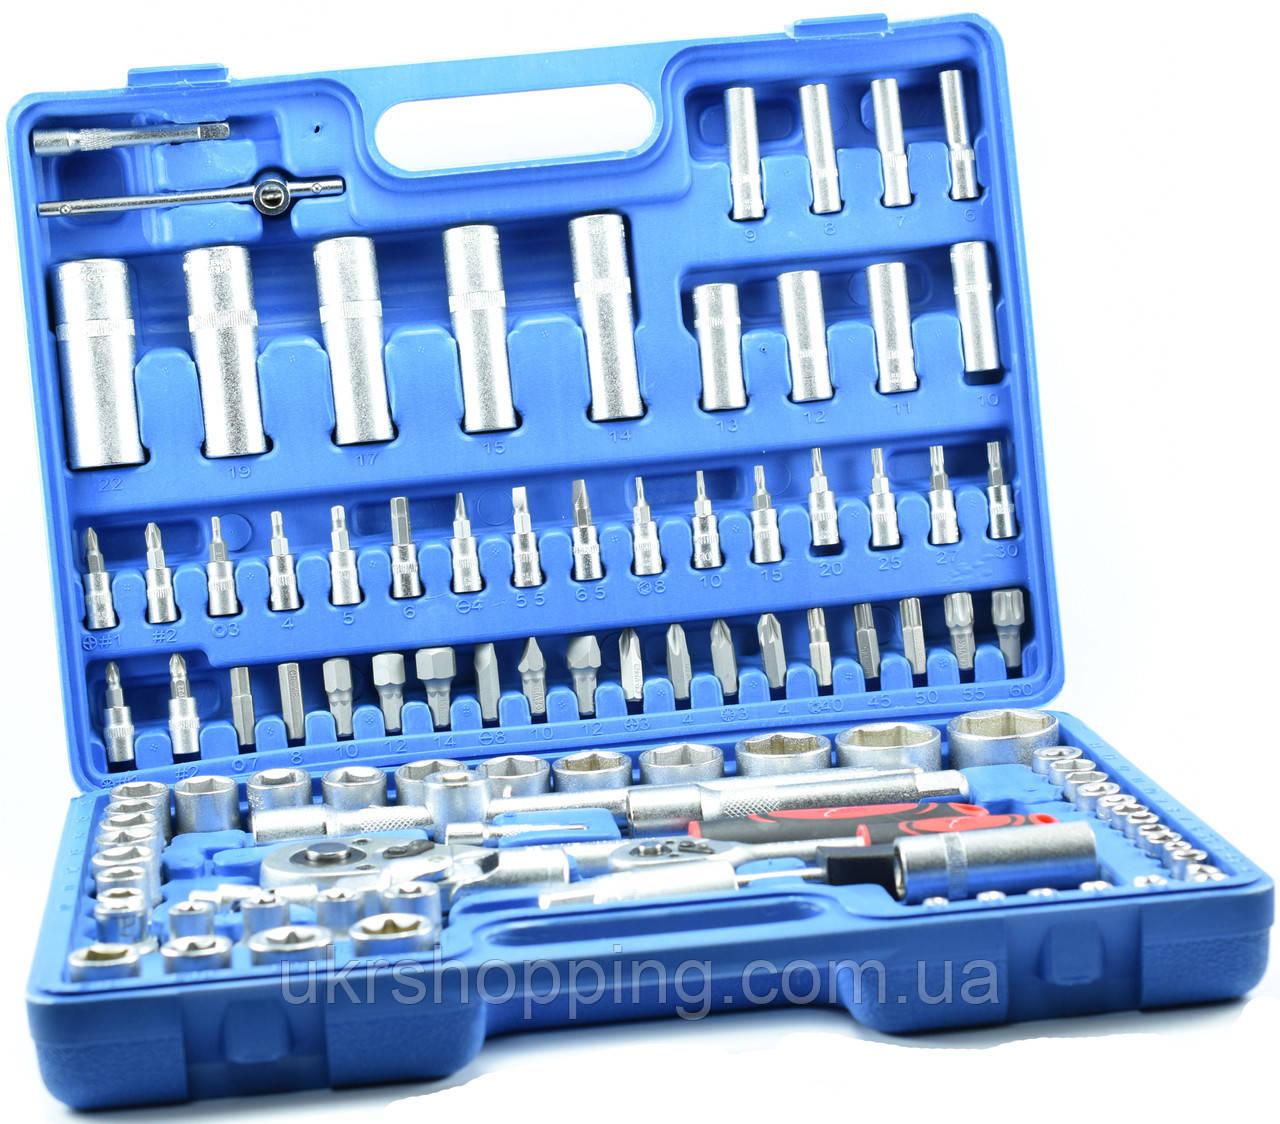 Набор инструментов 108 предметов, Extra EX-8038, автоинструмент